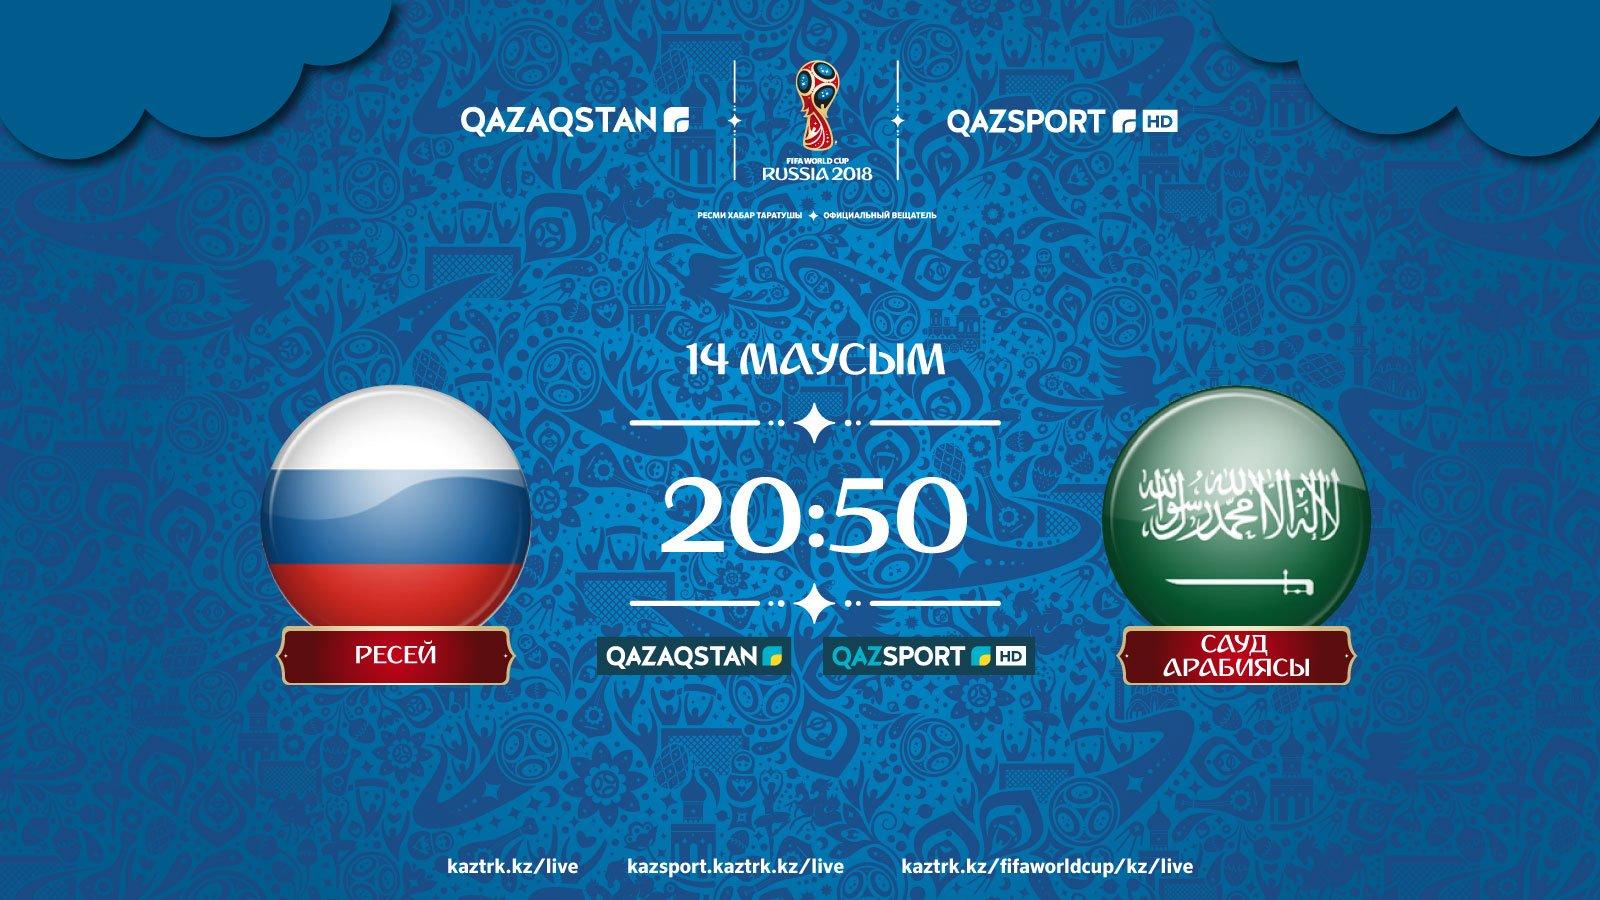 Ресей мен Сауд Арабиясы ойыны «Qazaqstan» және «QAZSPORT» арналарында тікелей эфирде